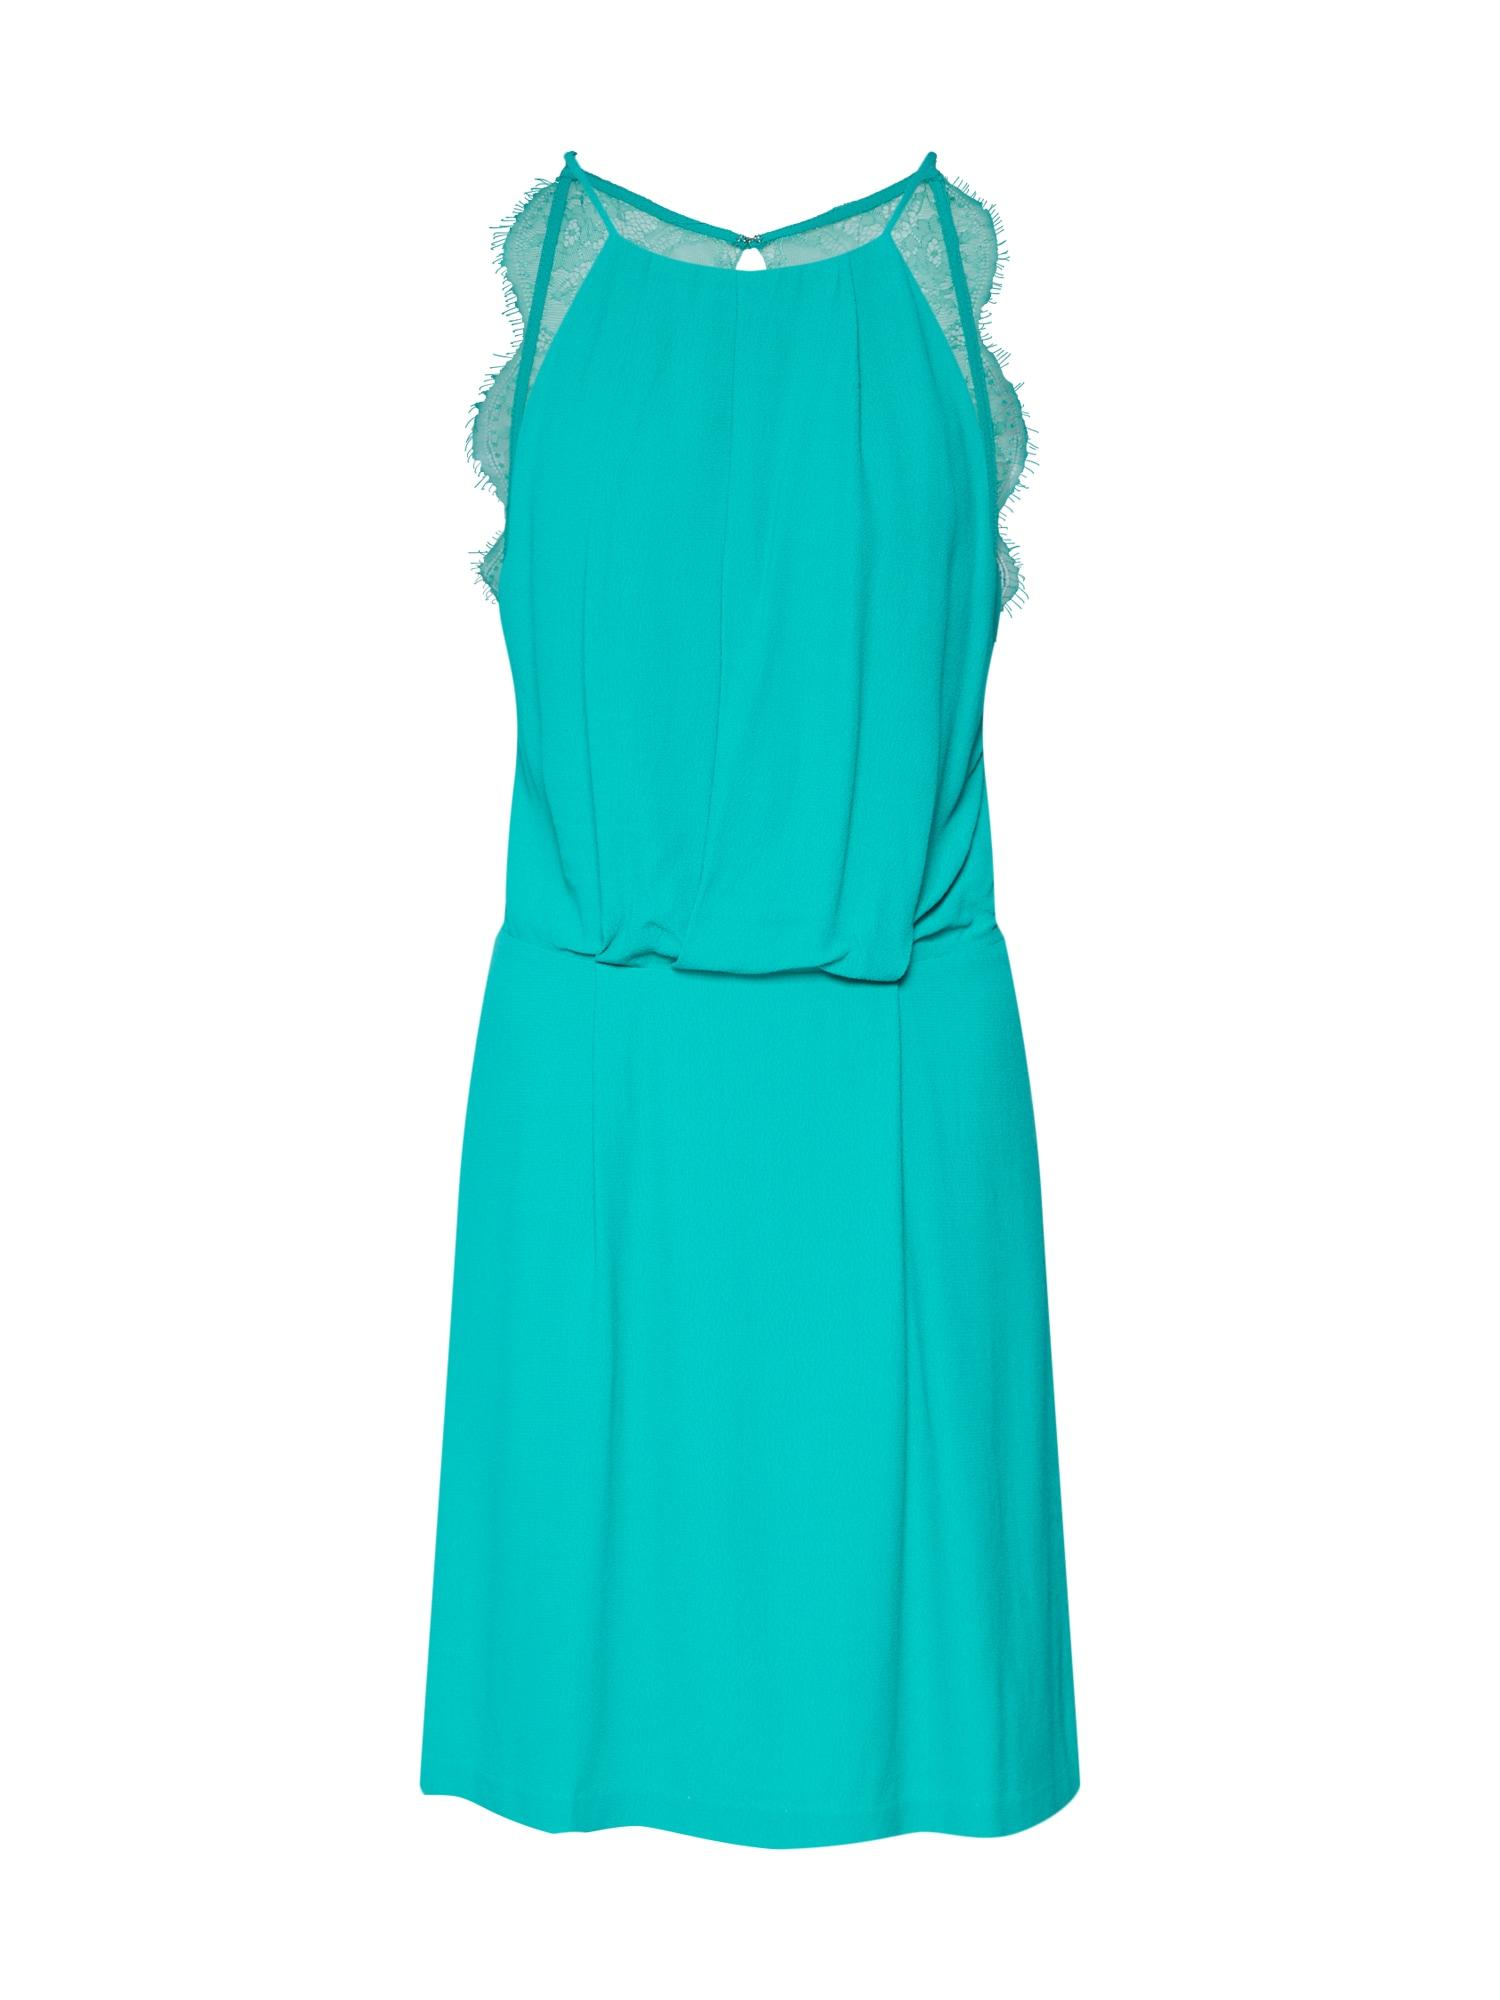 Letní šaty Willow 5687 modrá Samsoe & Samsoe